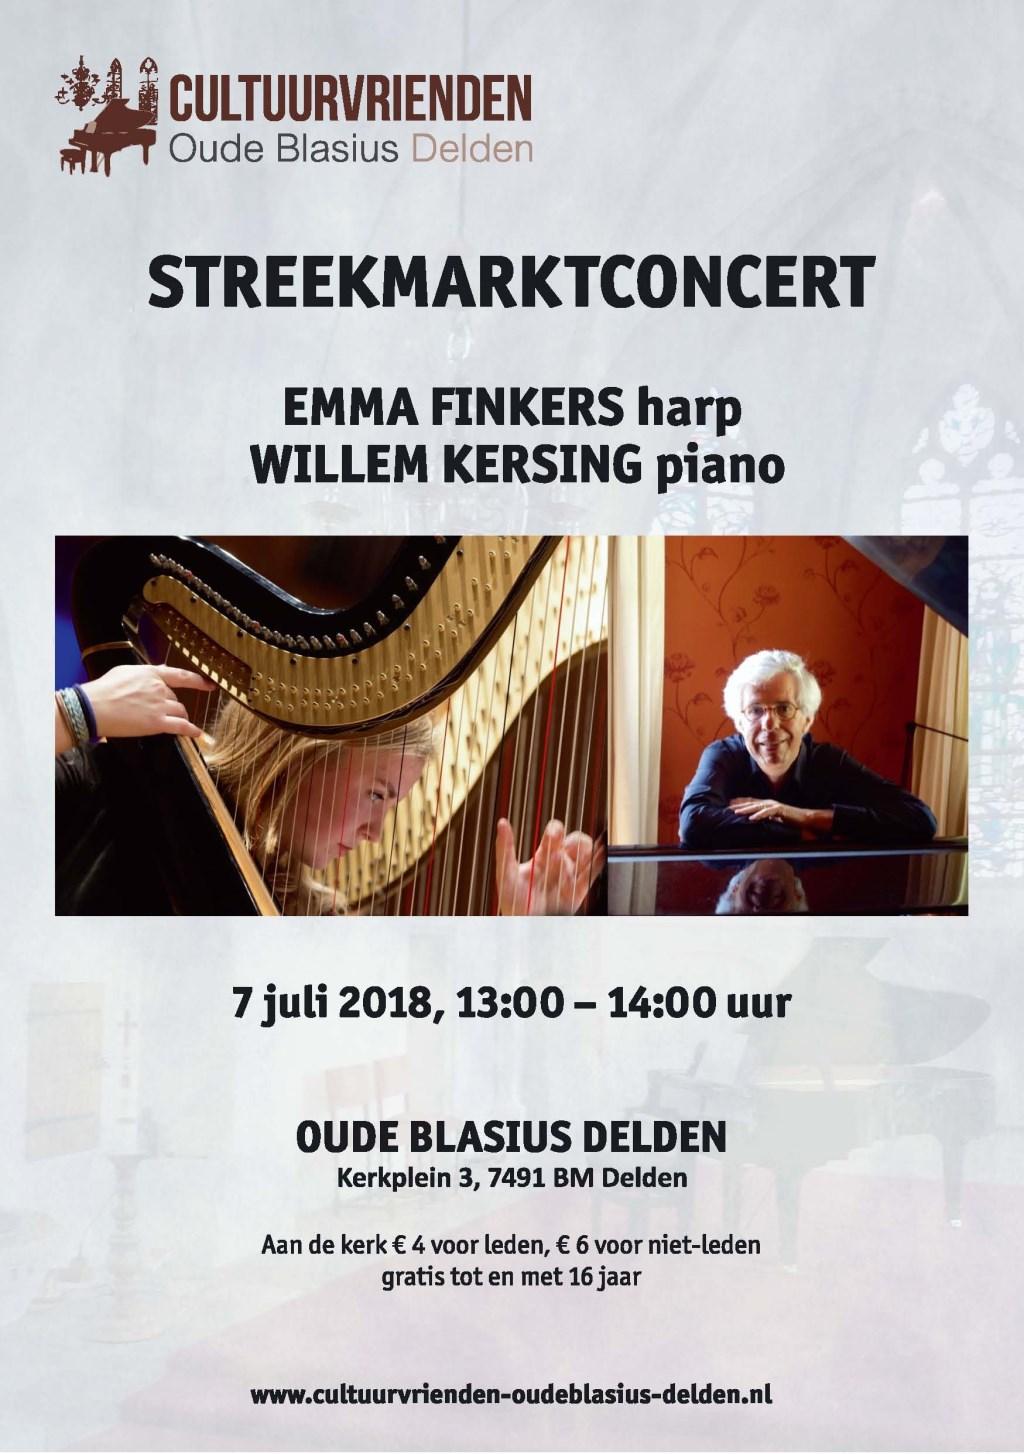 Emma finkers en Willem Kersing. Concert informatie.